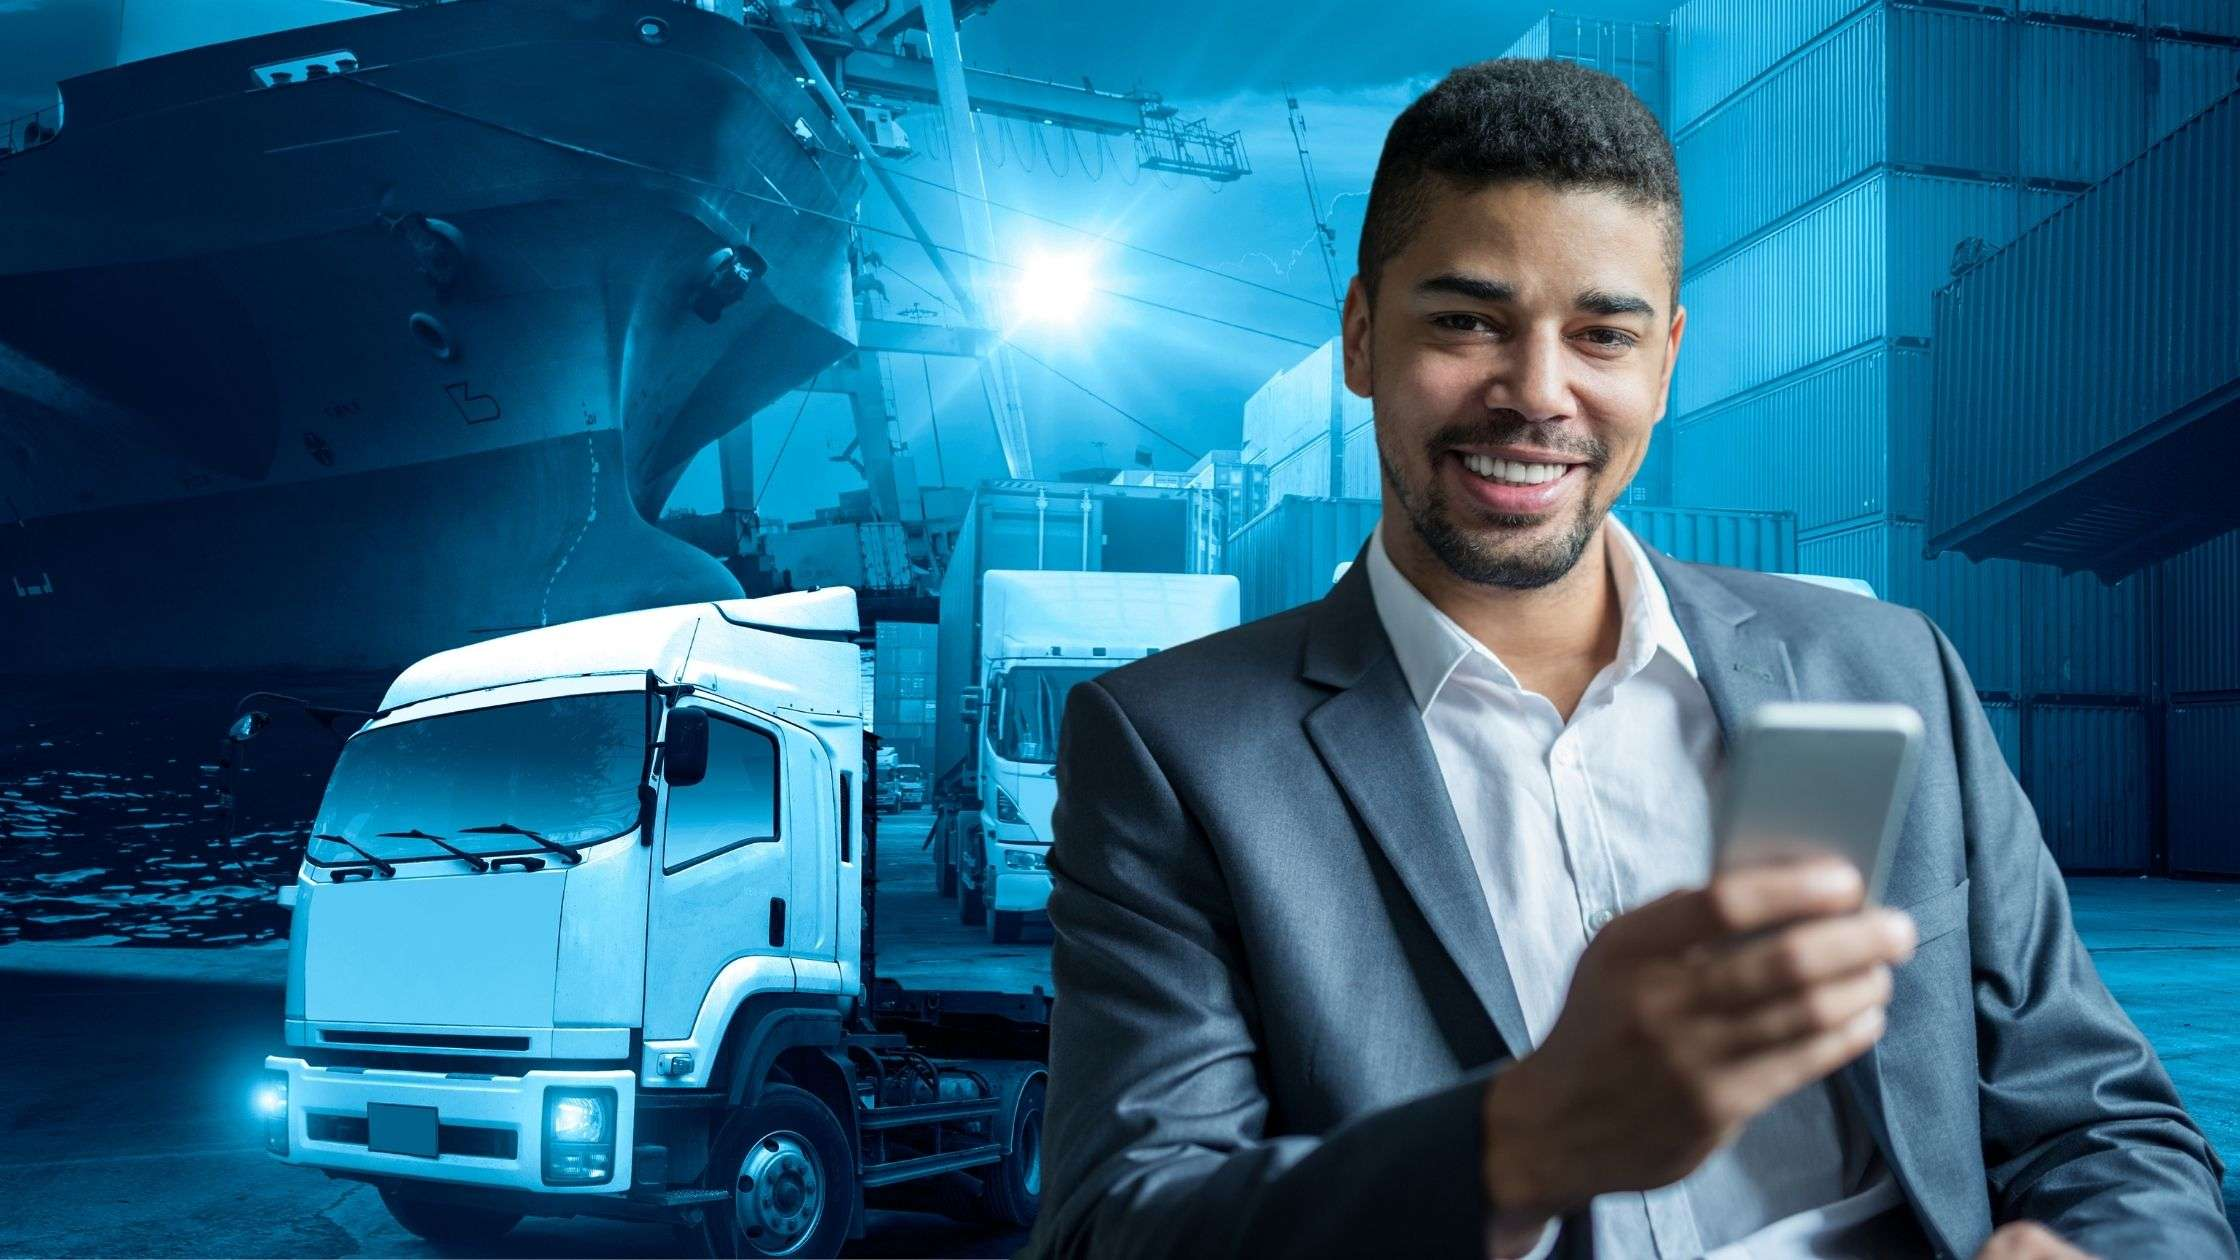 Automatizacion conversacional para la cadena de abastecimiento